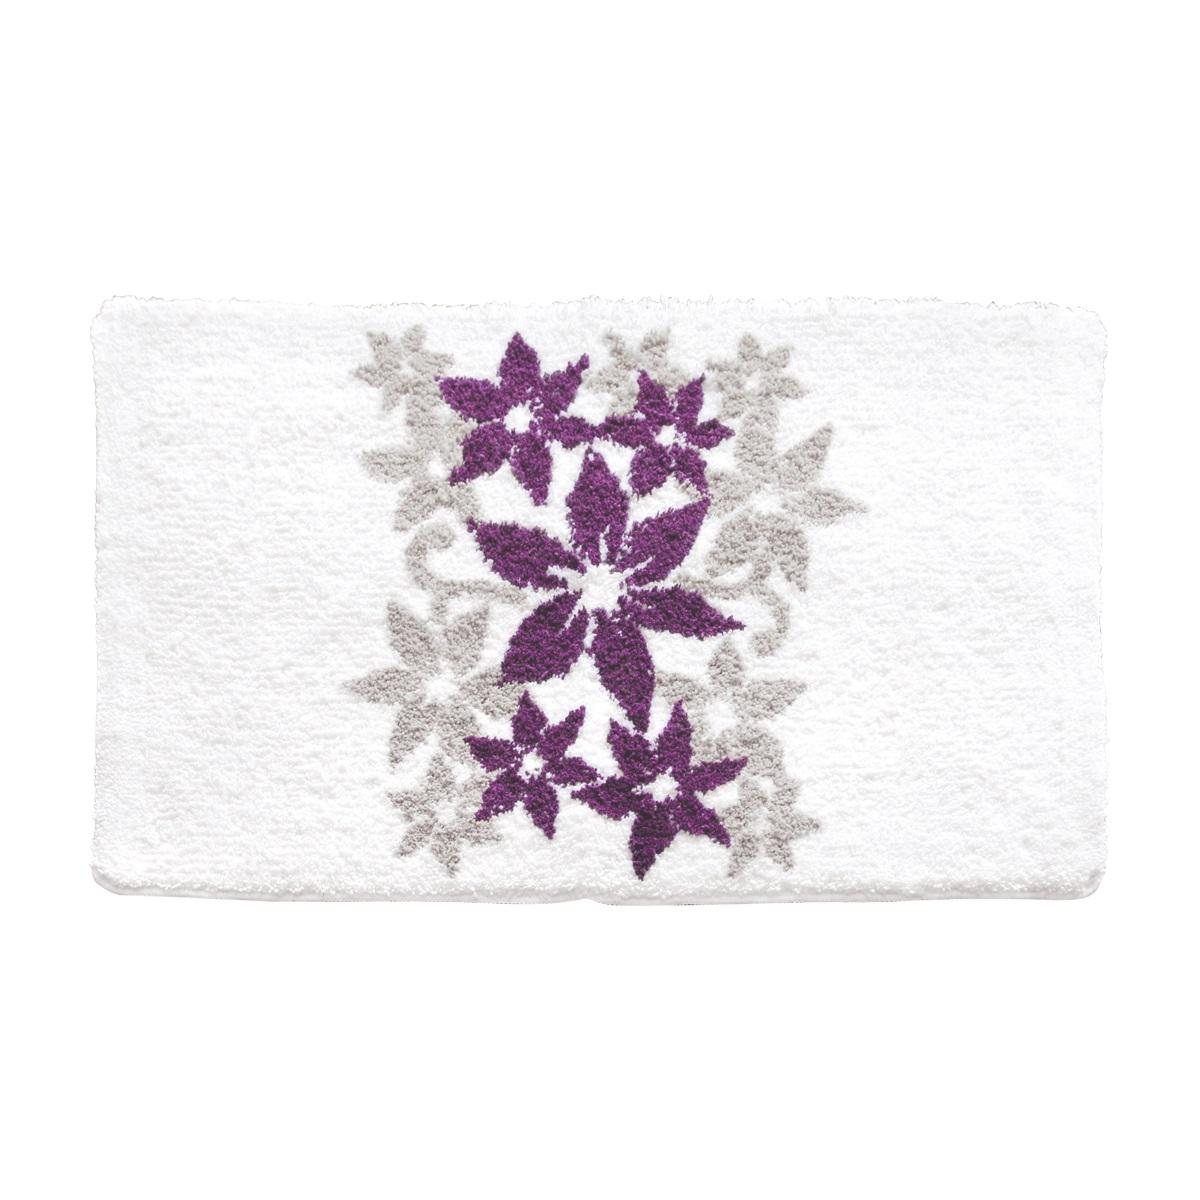 Коврик для ванной Iddis Hawaii times, цвет: белый, 60 х 90 см мойка iddis strit 1 1 2 основная чаша слева 60 5 х 48 см str60sxi77